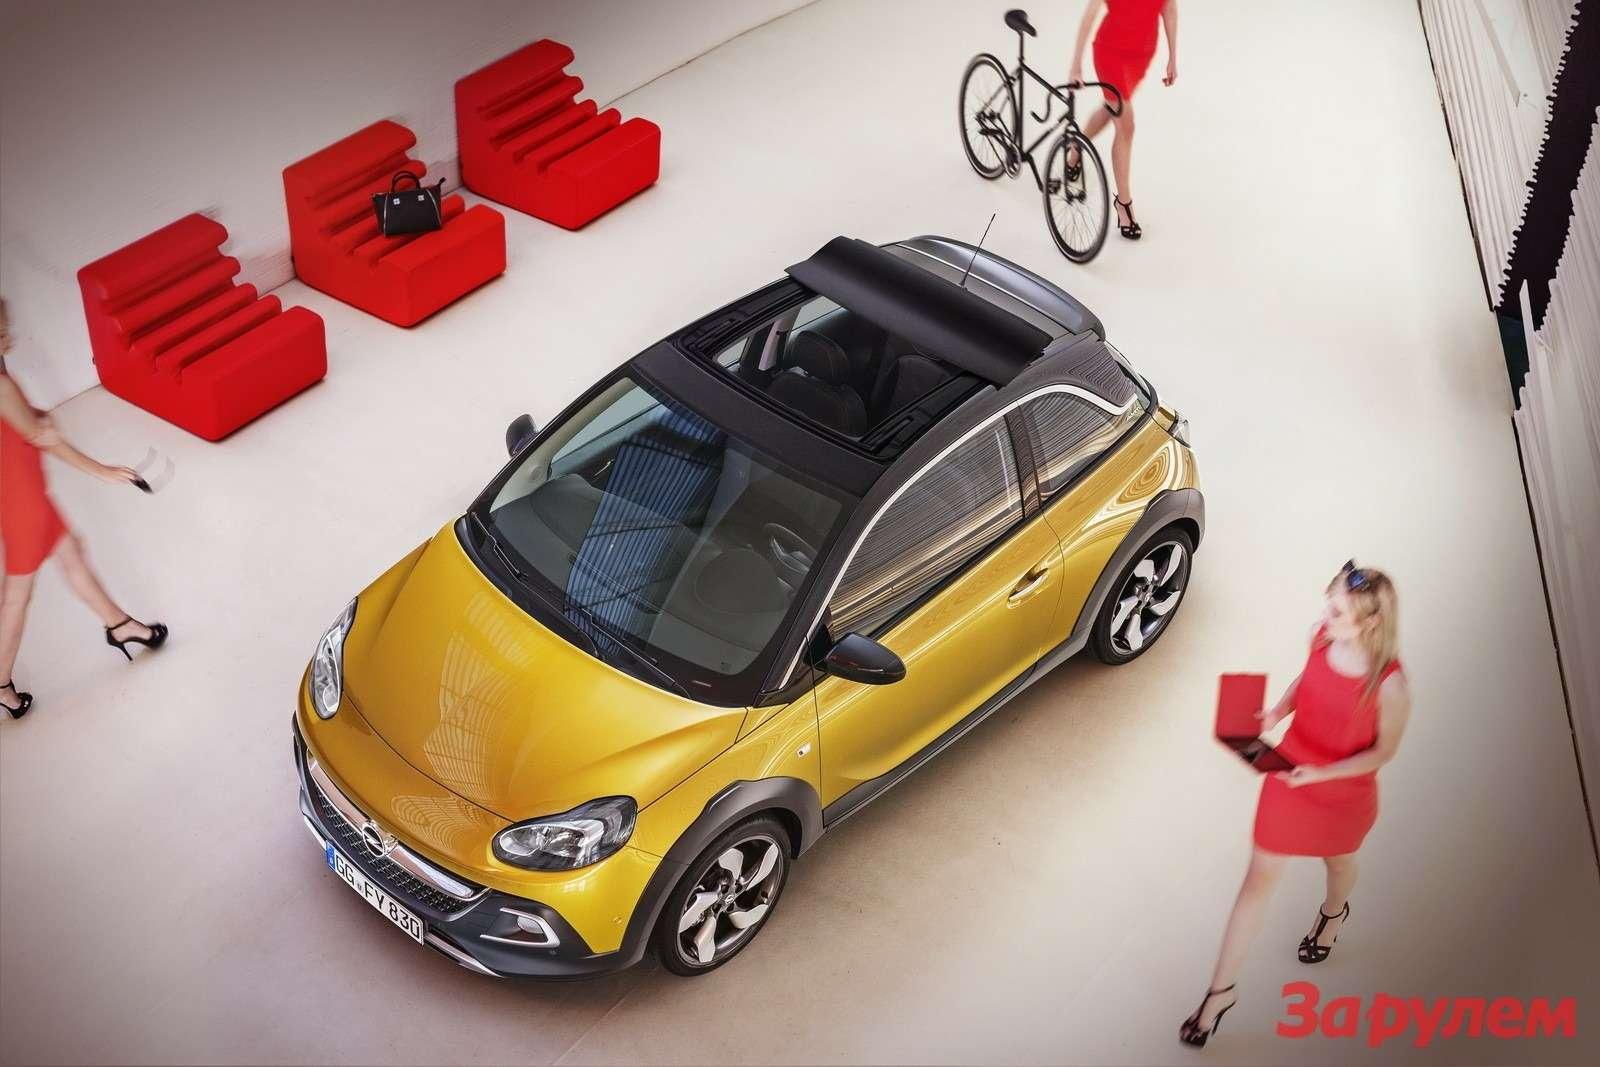 Opel-ADAM-ROCKS-289985(1)